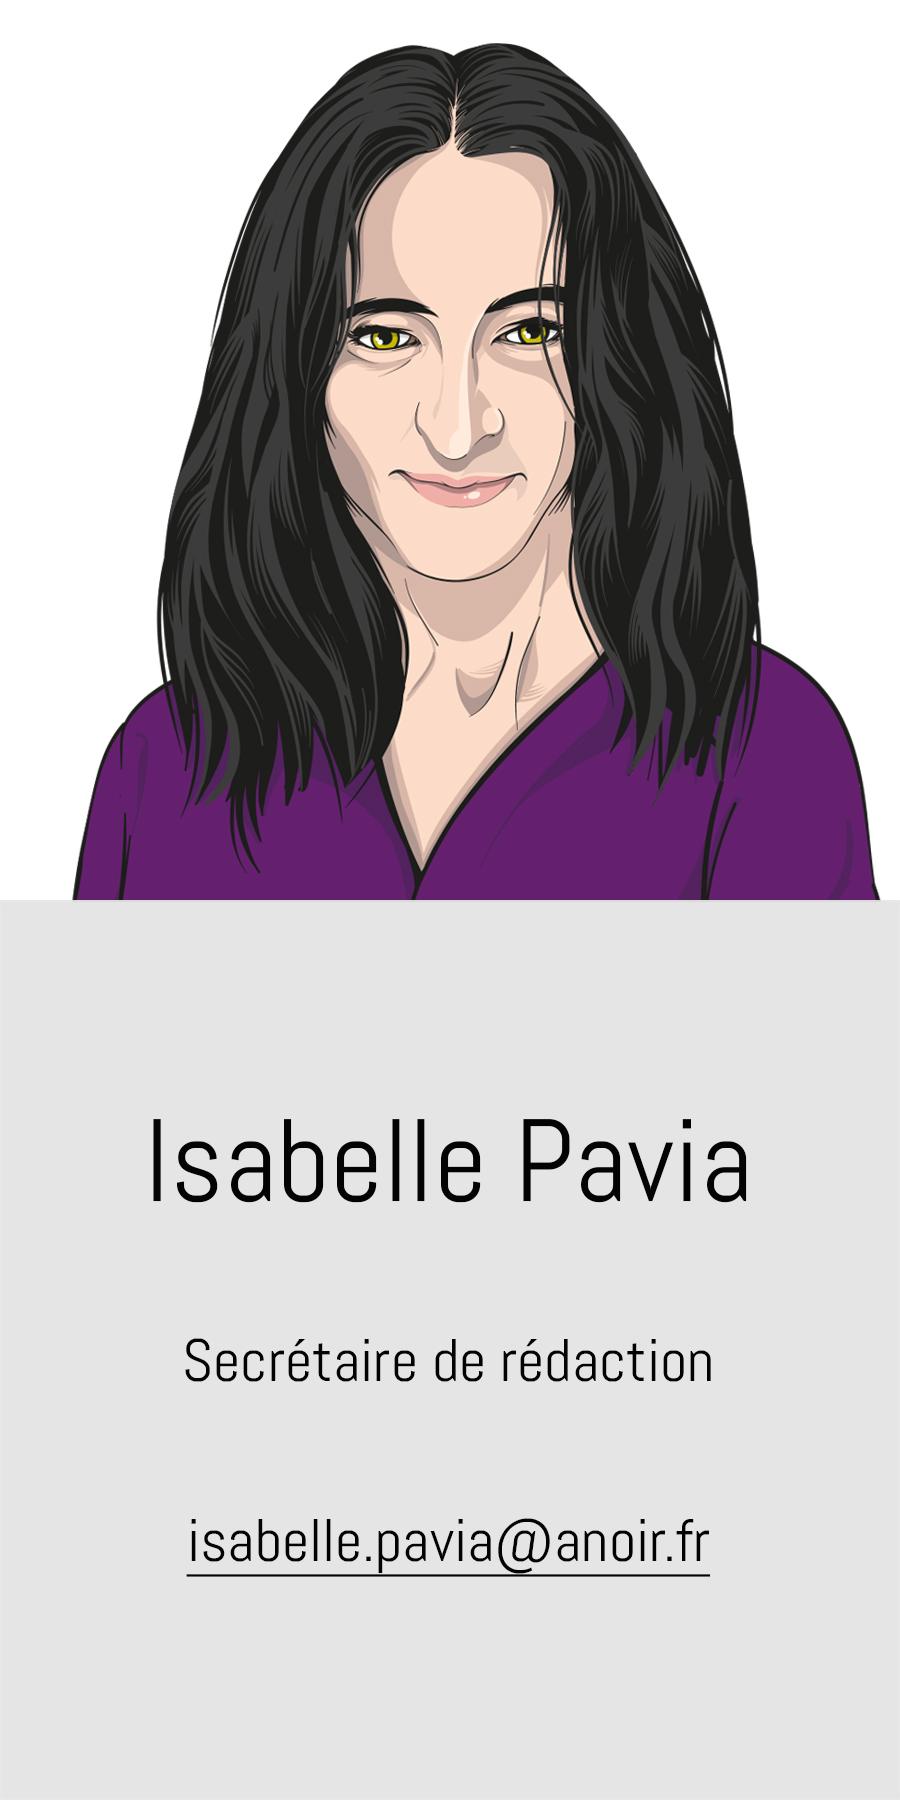 Isabelle Pavia, A noir